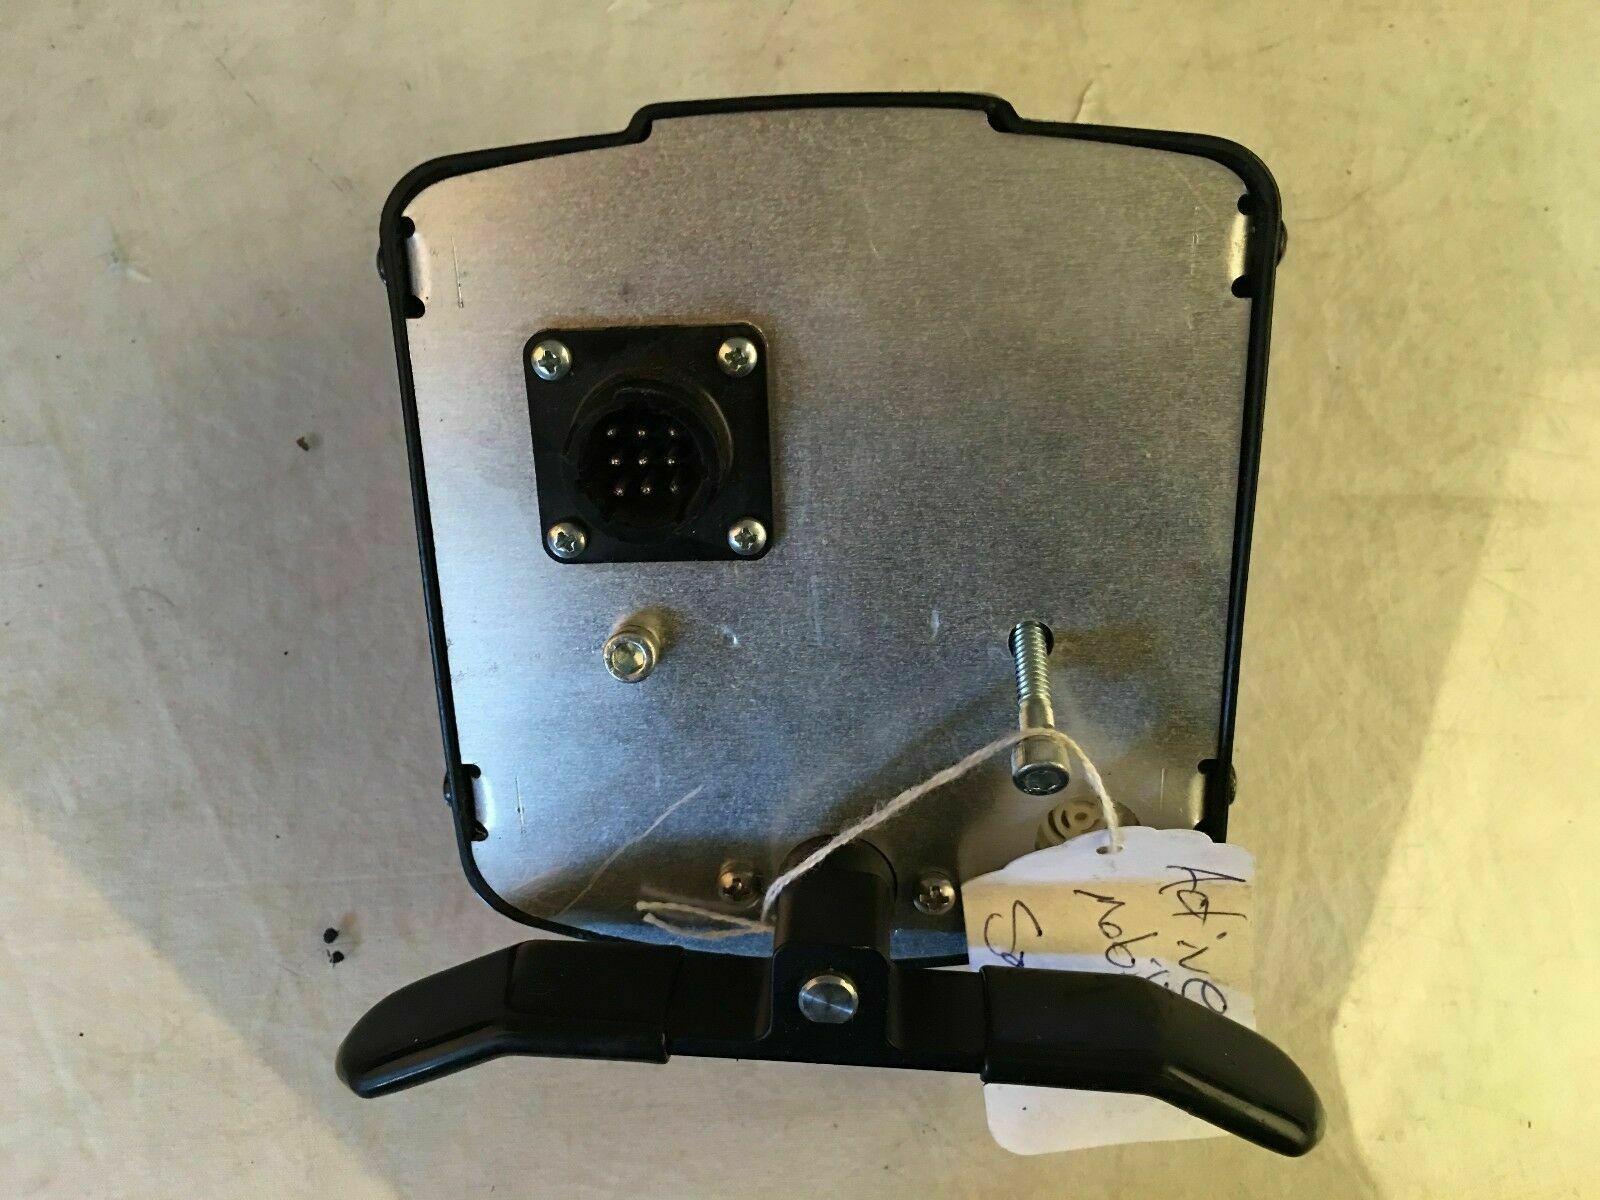 Active Mobility Safari Power Chair Dash Display wo/ Key